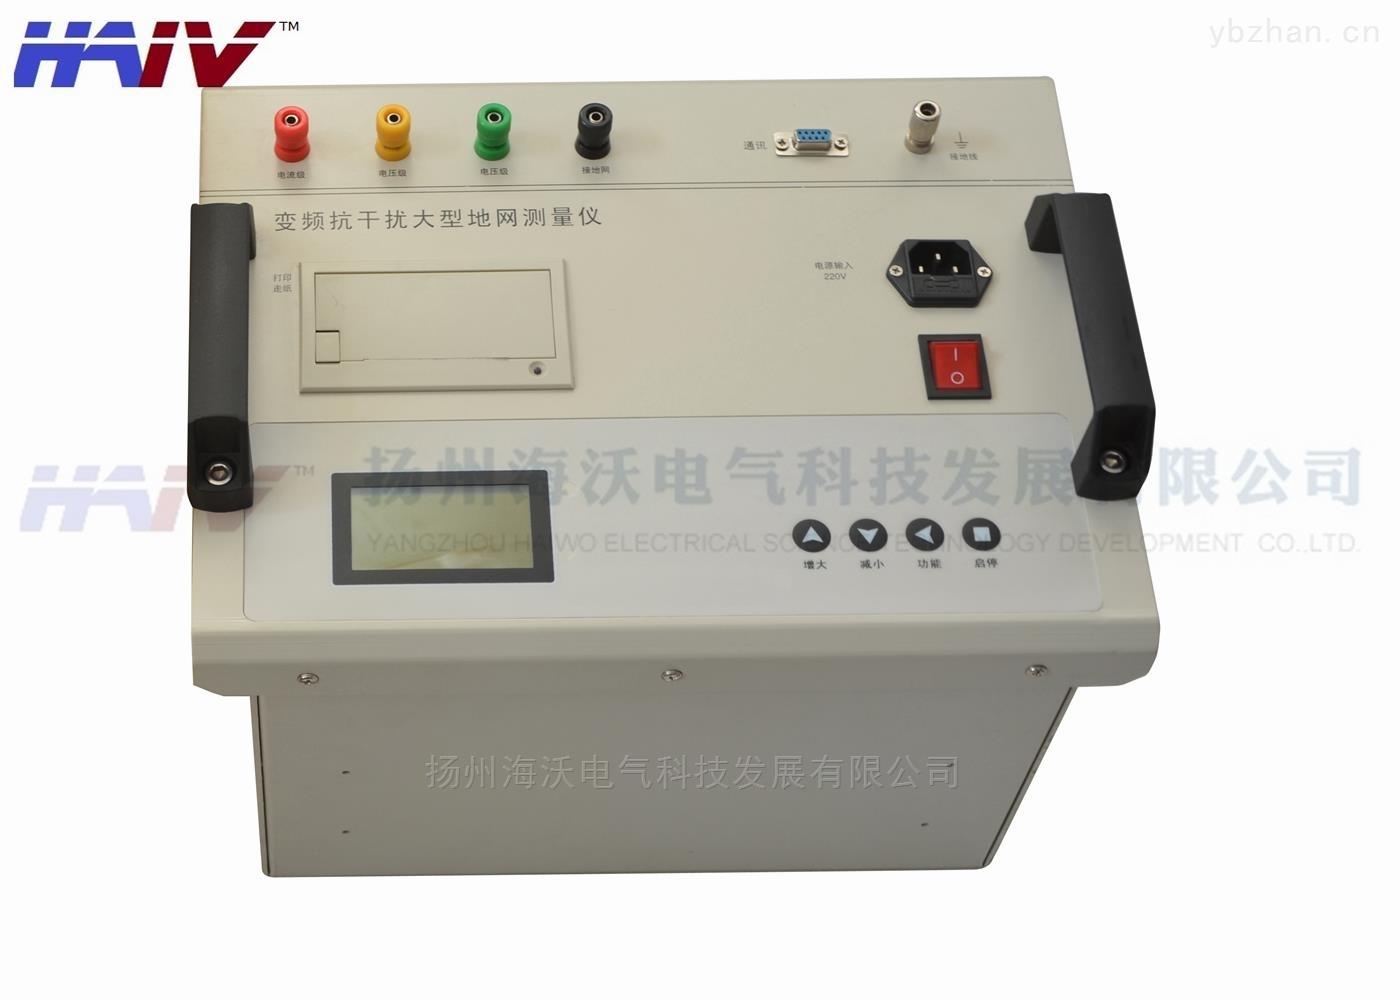 HV2571系列接地电阻表